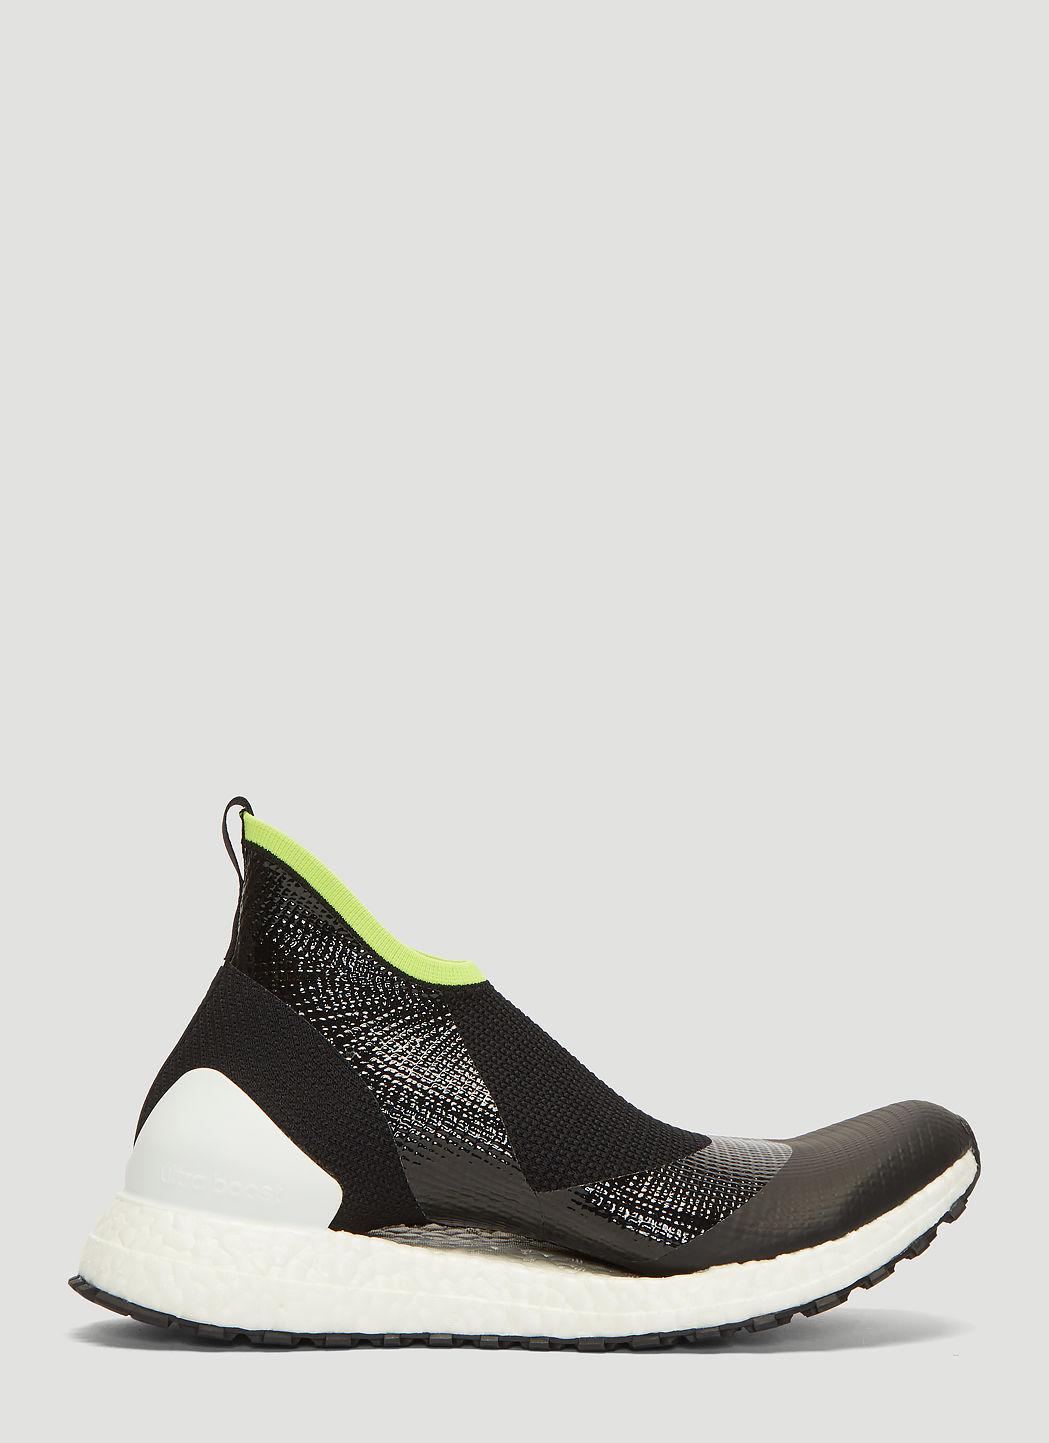 2d18c4f41 Adidas By Stella Mccartney Ultraboost X All Terrain Sneakers In Black